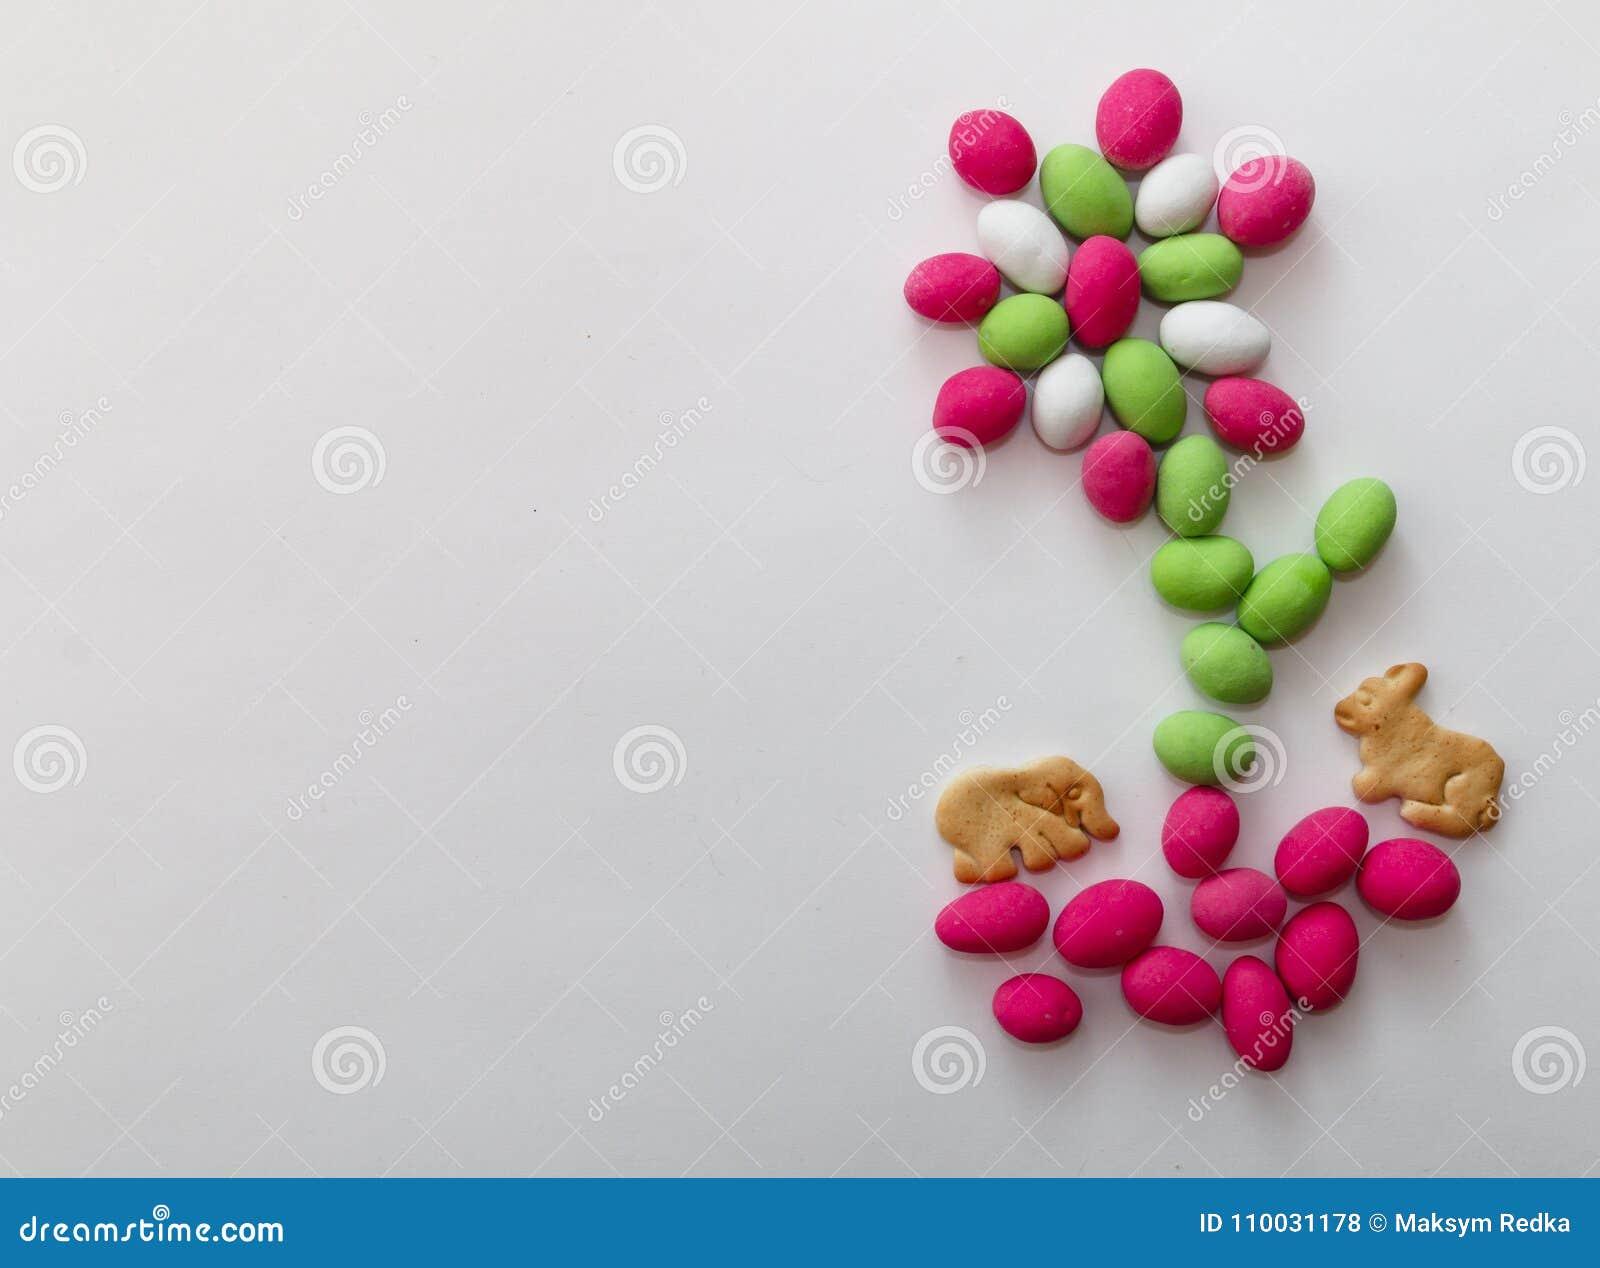 Pinda s in gekleurde glans op wit blad